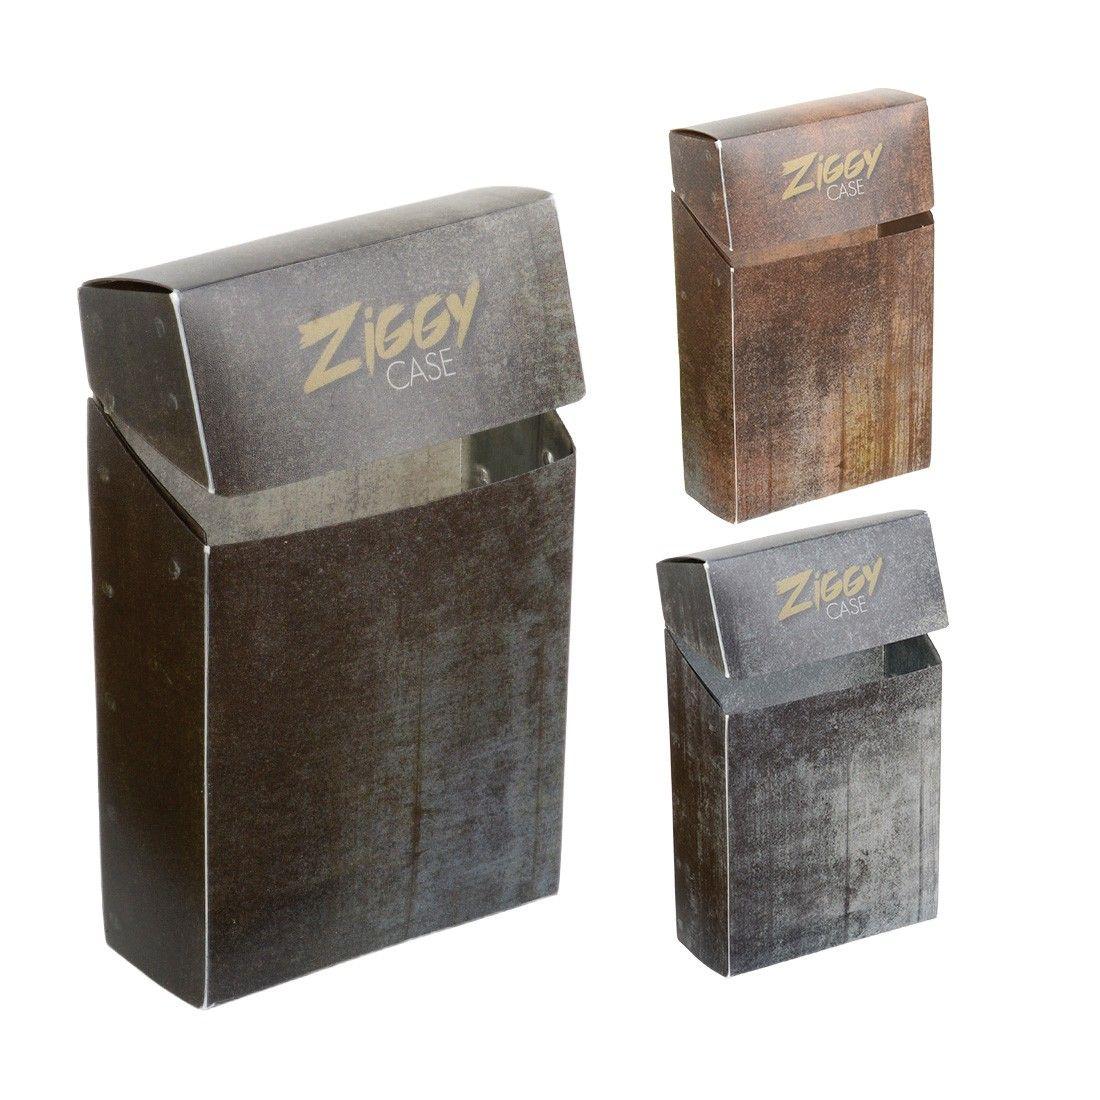 tui pour paquet de cigarettes ziggy case planete. Black Bedroom Furniture Sets. Home Design Ideas